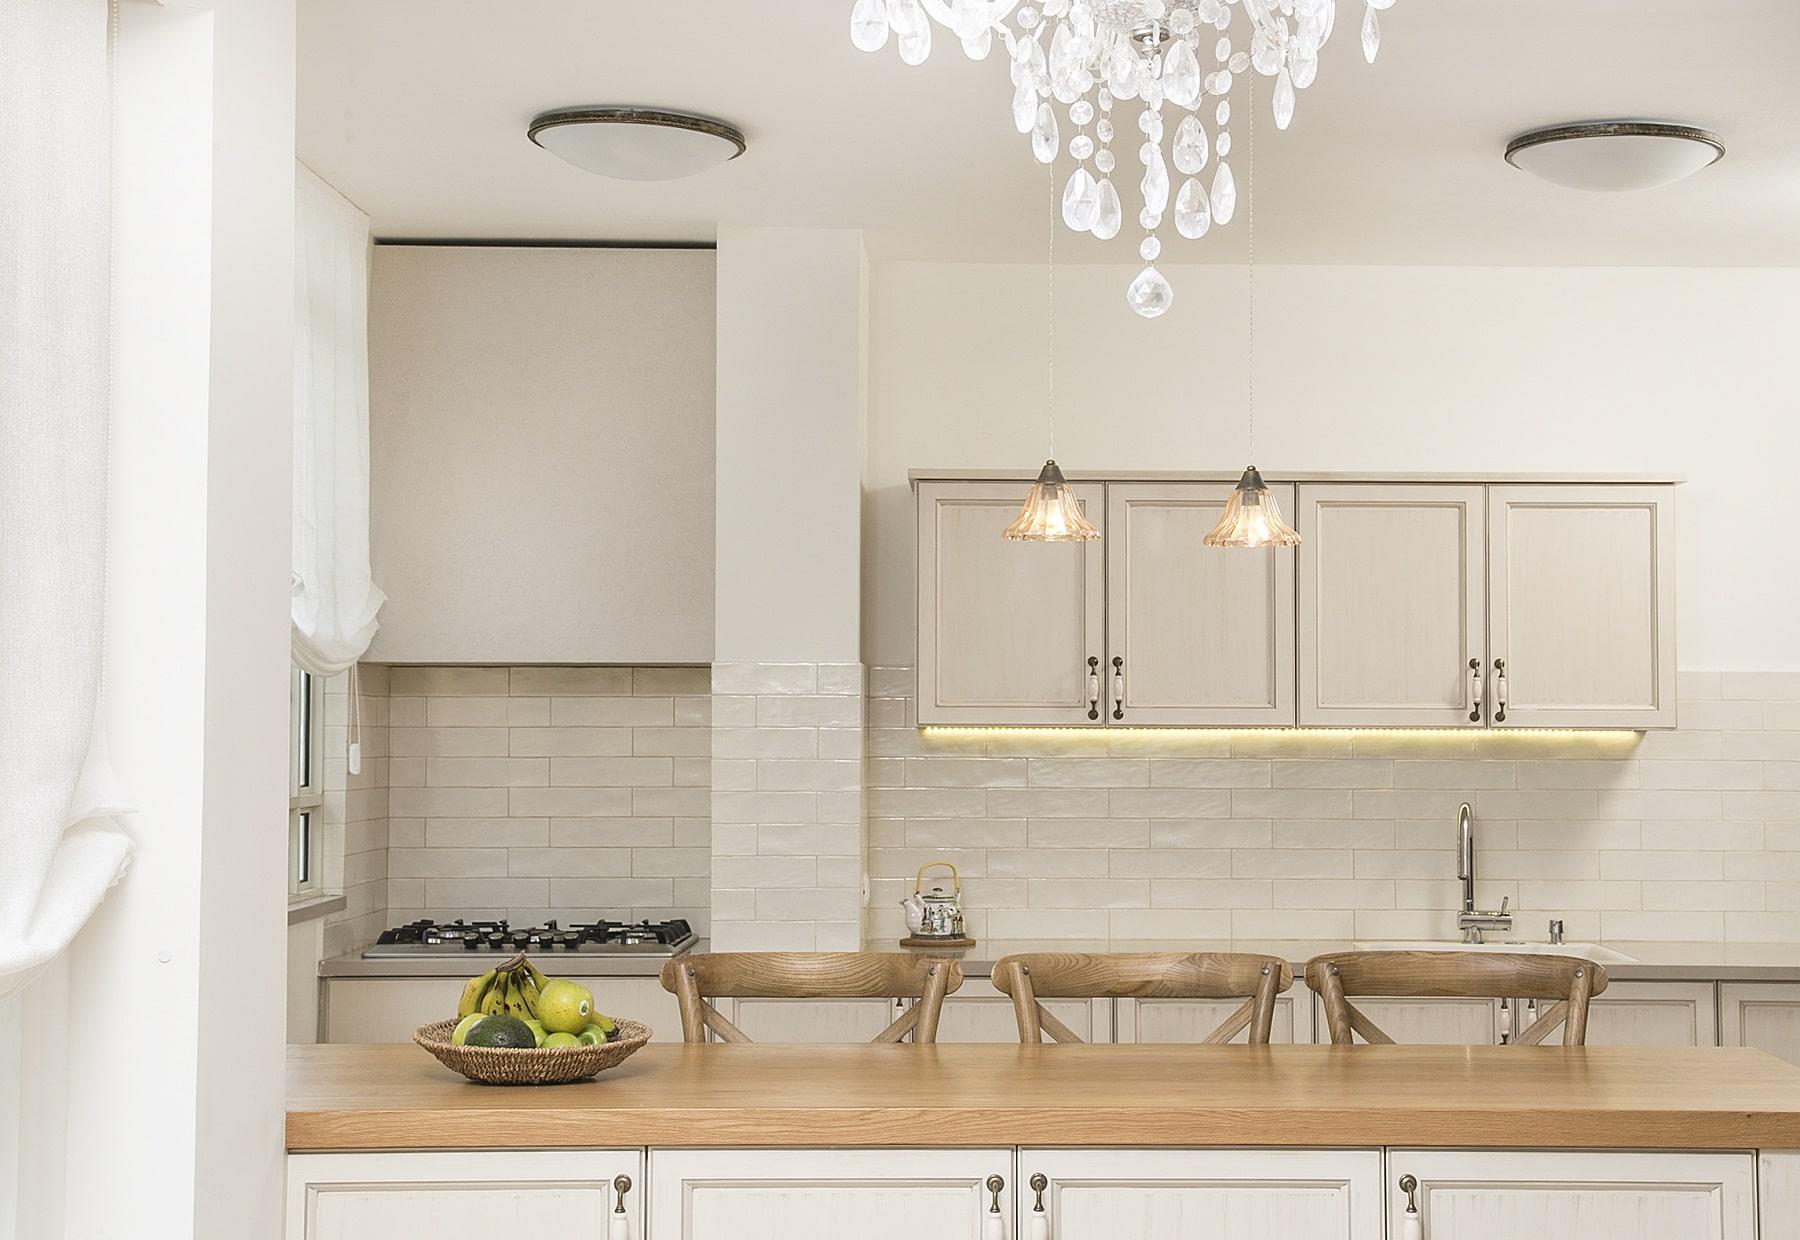 שילוב נכון של תאורה בעיצוב מטבח בסגנון פרובנס